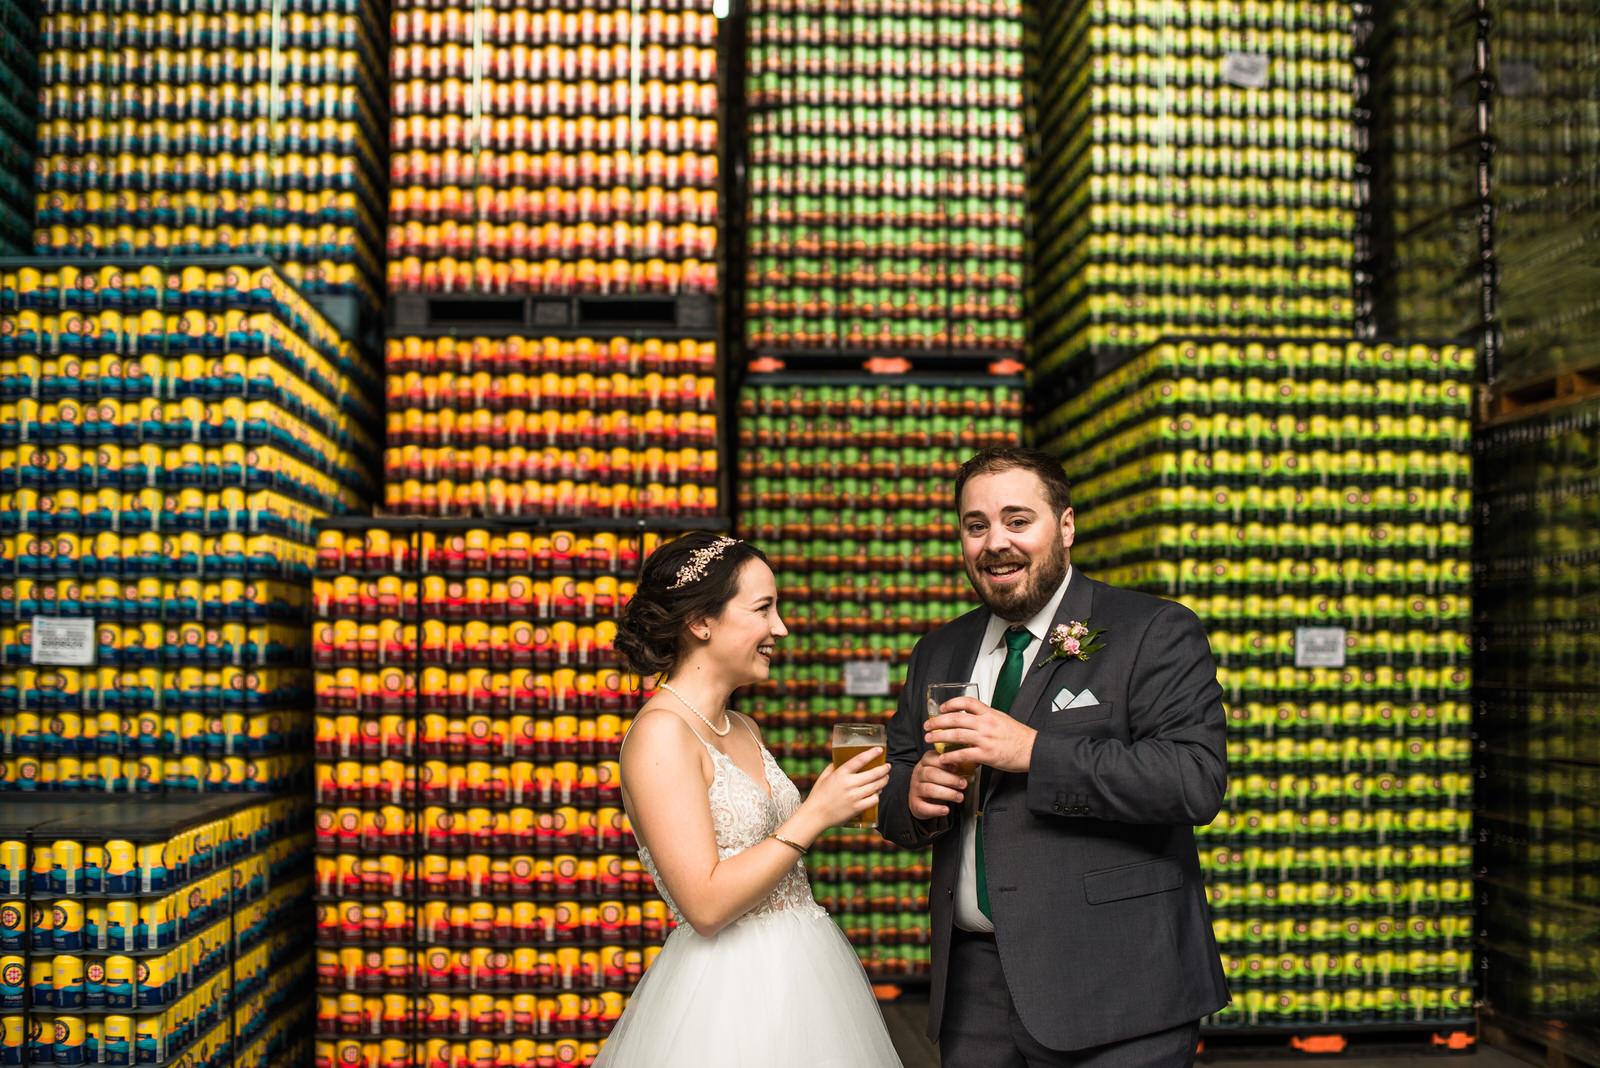 Highland-Brewing-Company-WeddingWedding-212.jpg